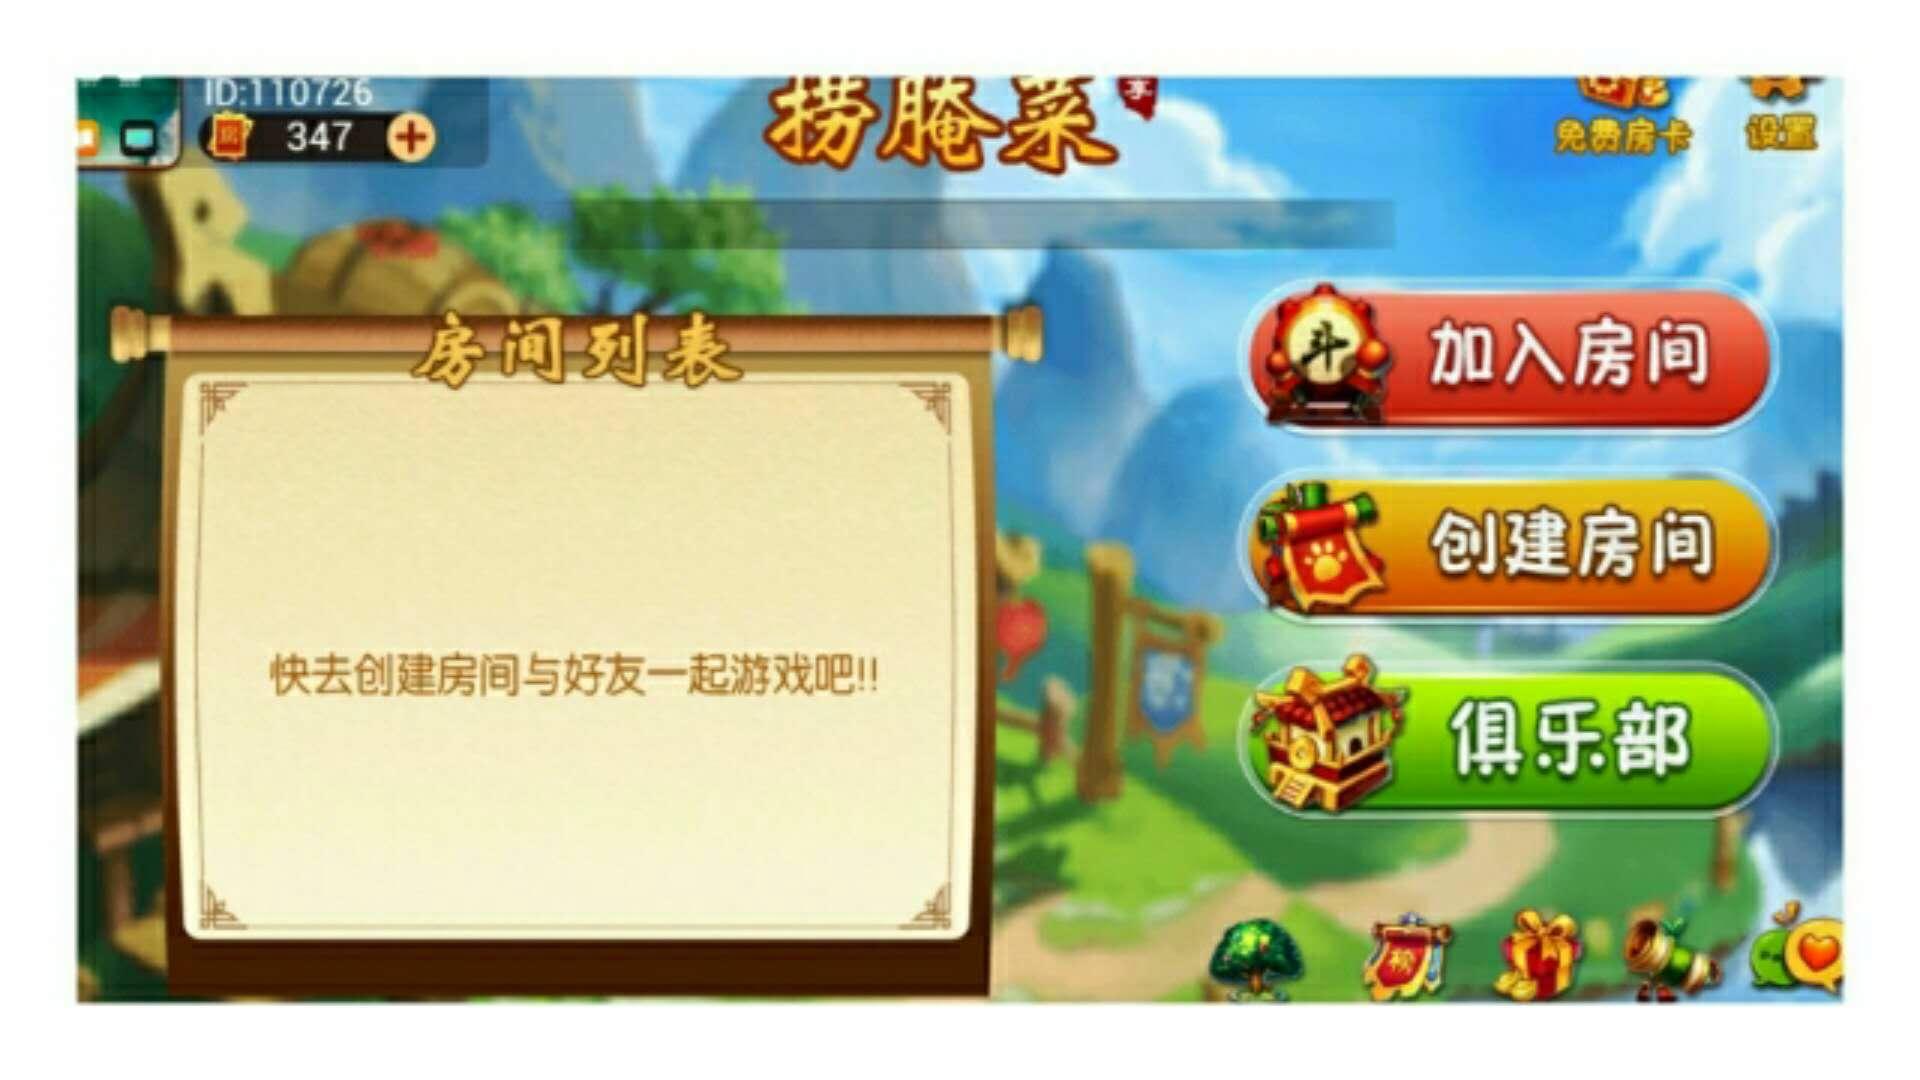 临沧云南华坪思茅丽江永胜捞腌菜叼三批niu牛茄子的家常菜做法图片